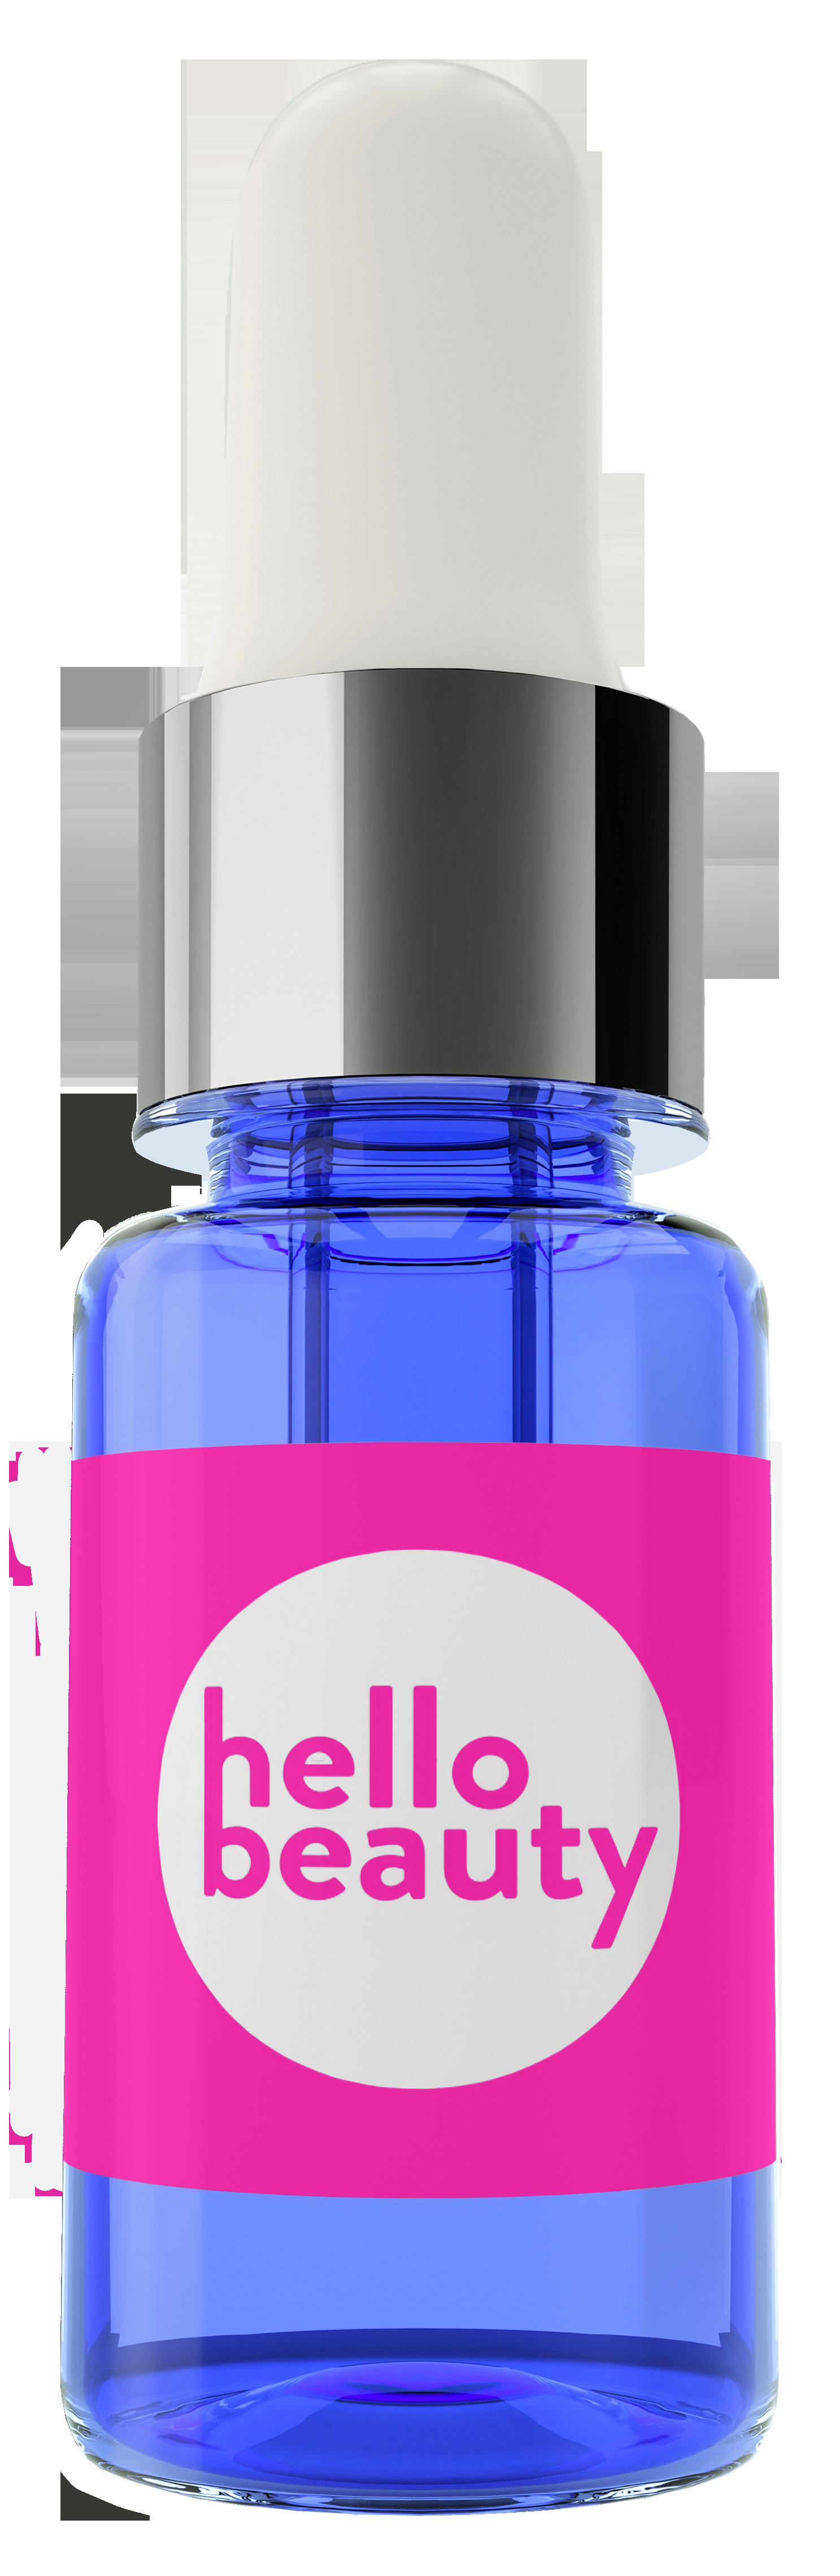 Купить HELLO BEAUTY Сыворотка омолаживающая с экстрактом красного клевера, уменьшает глубину морщин и придает коже гладкость 30 мл